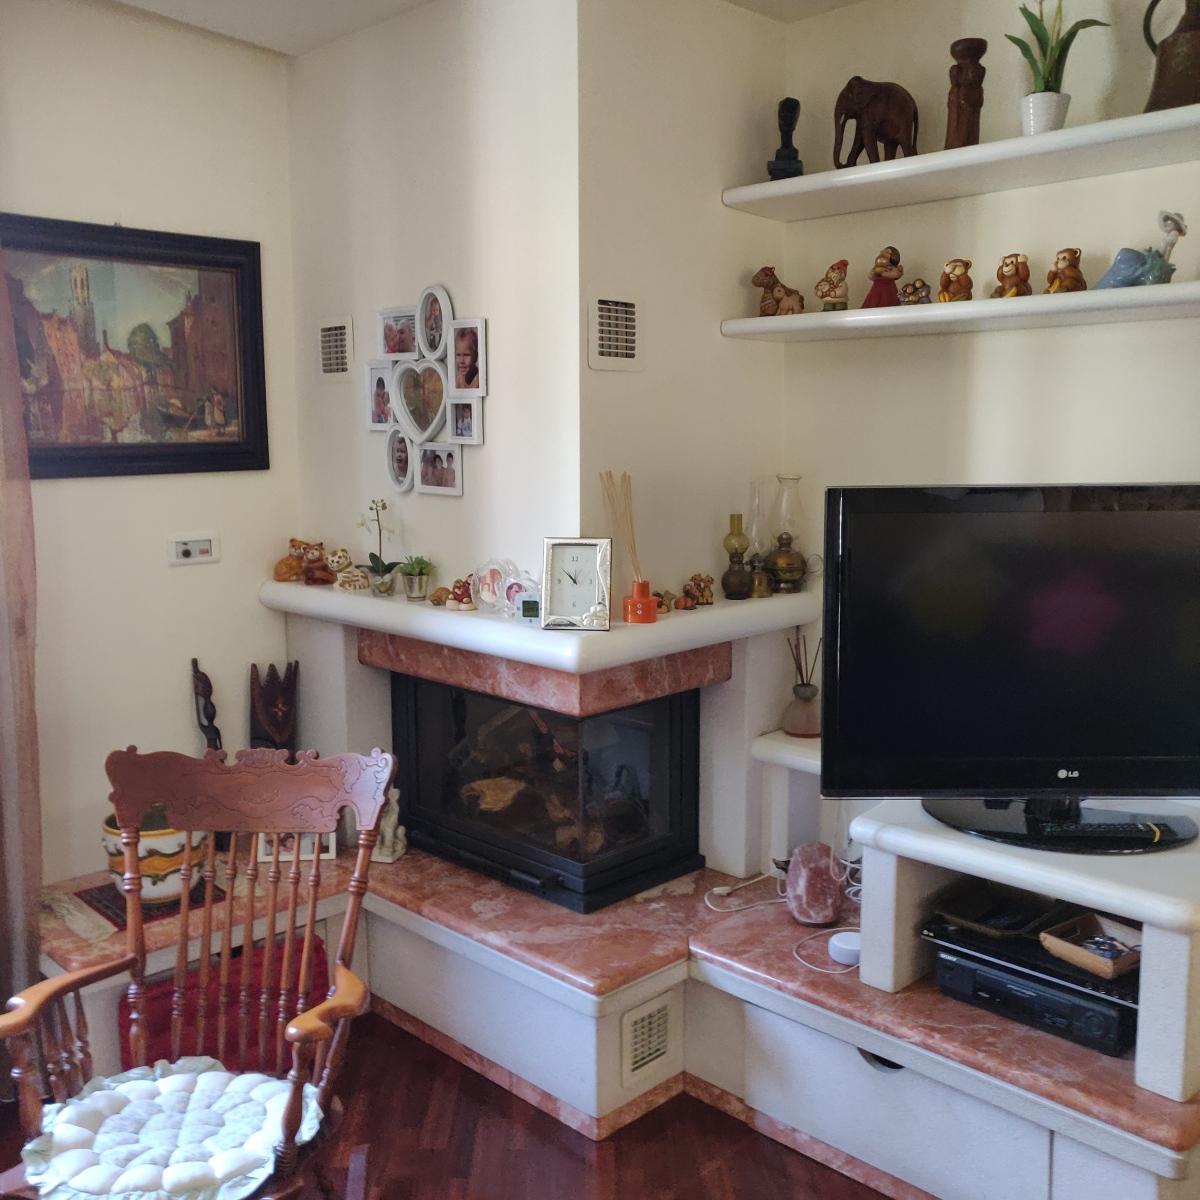 appartamento-in-vendita-a-baggio-via-cassolnovo-bagarotti-3-locali-milano-trilocale-spaziourbano-immobiliare-vende-13